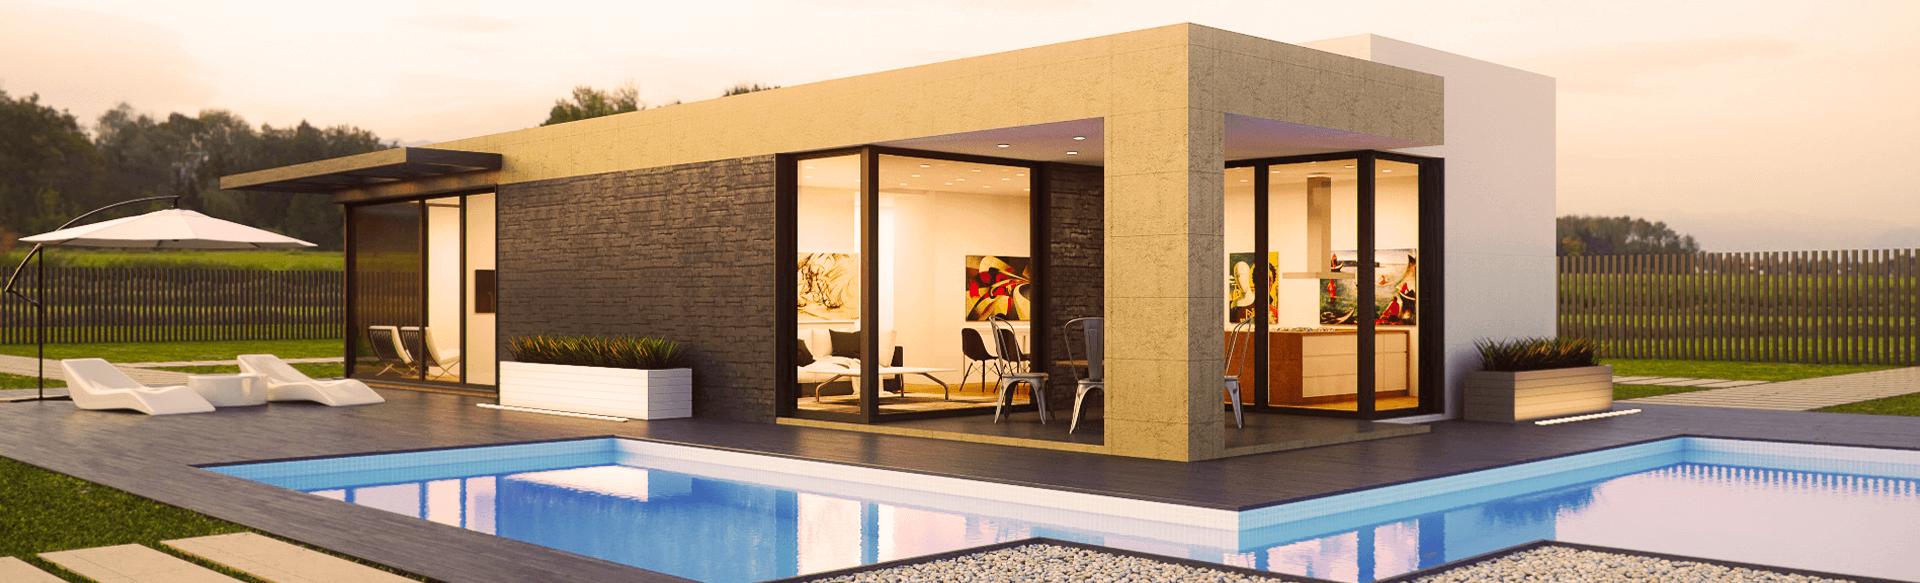 Seja bem-vindo a uma casa inteligente